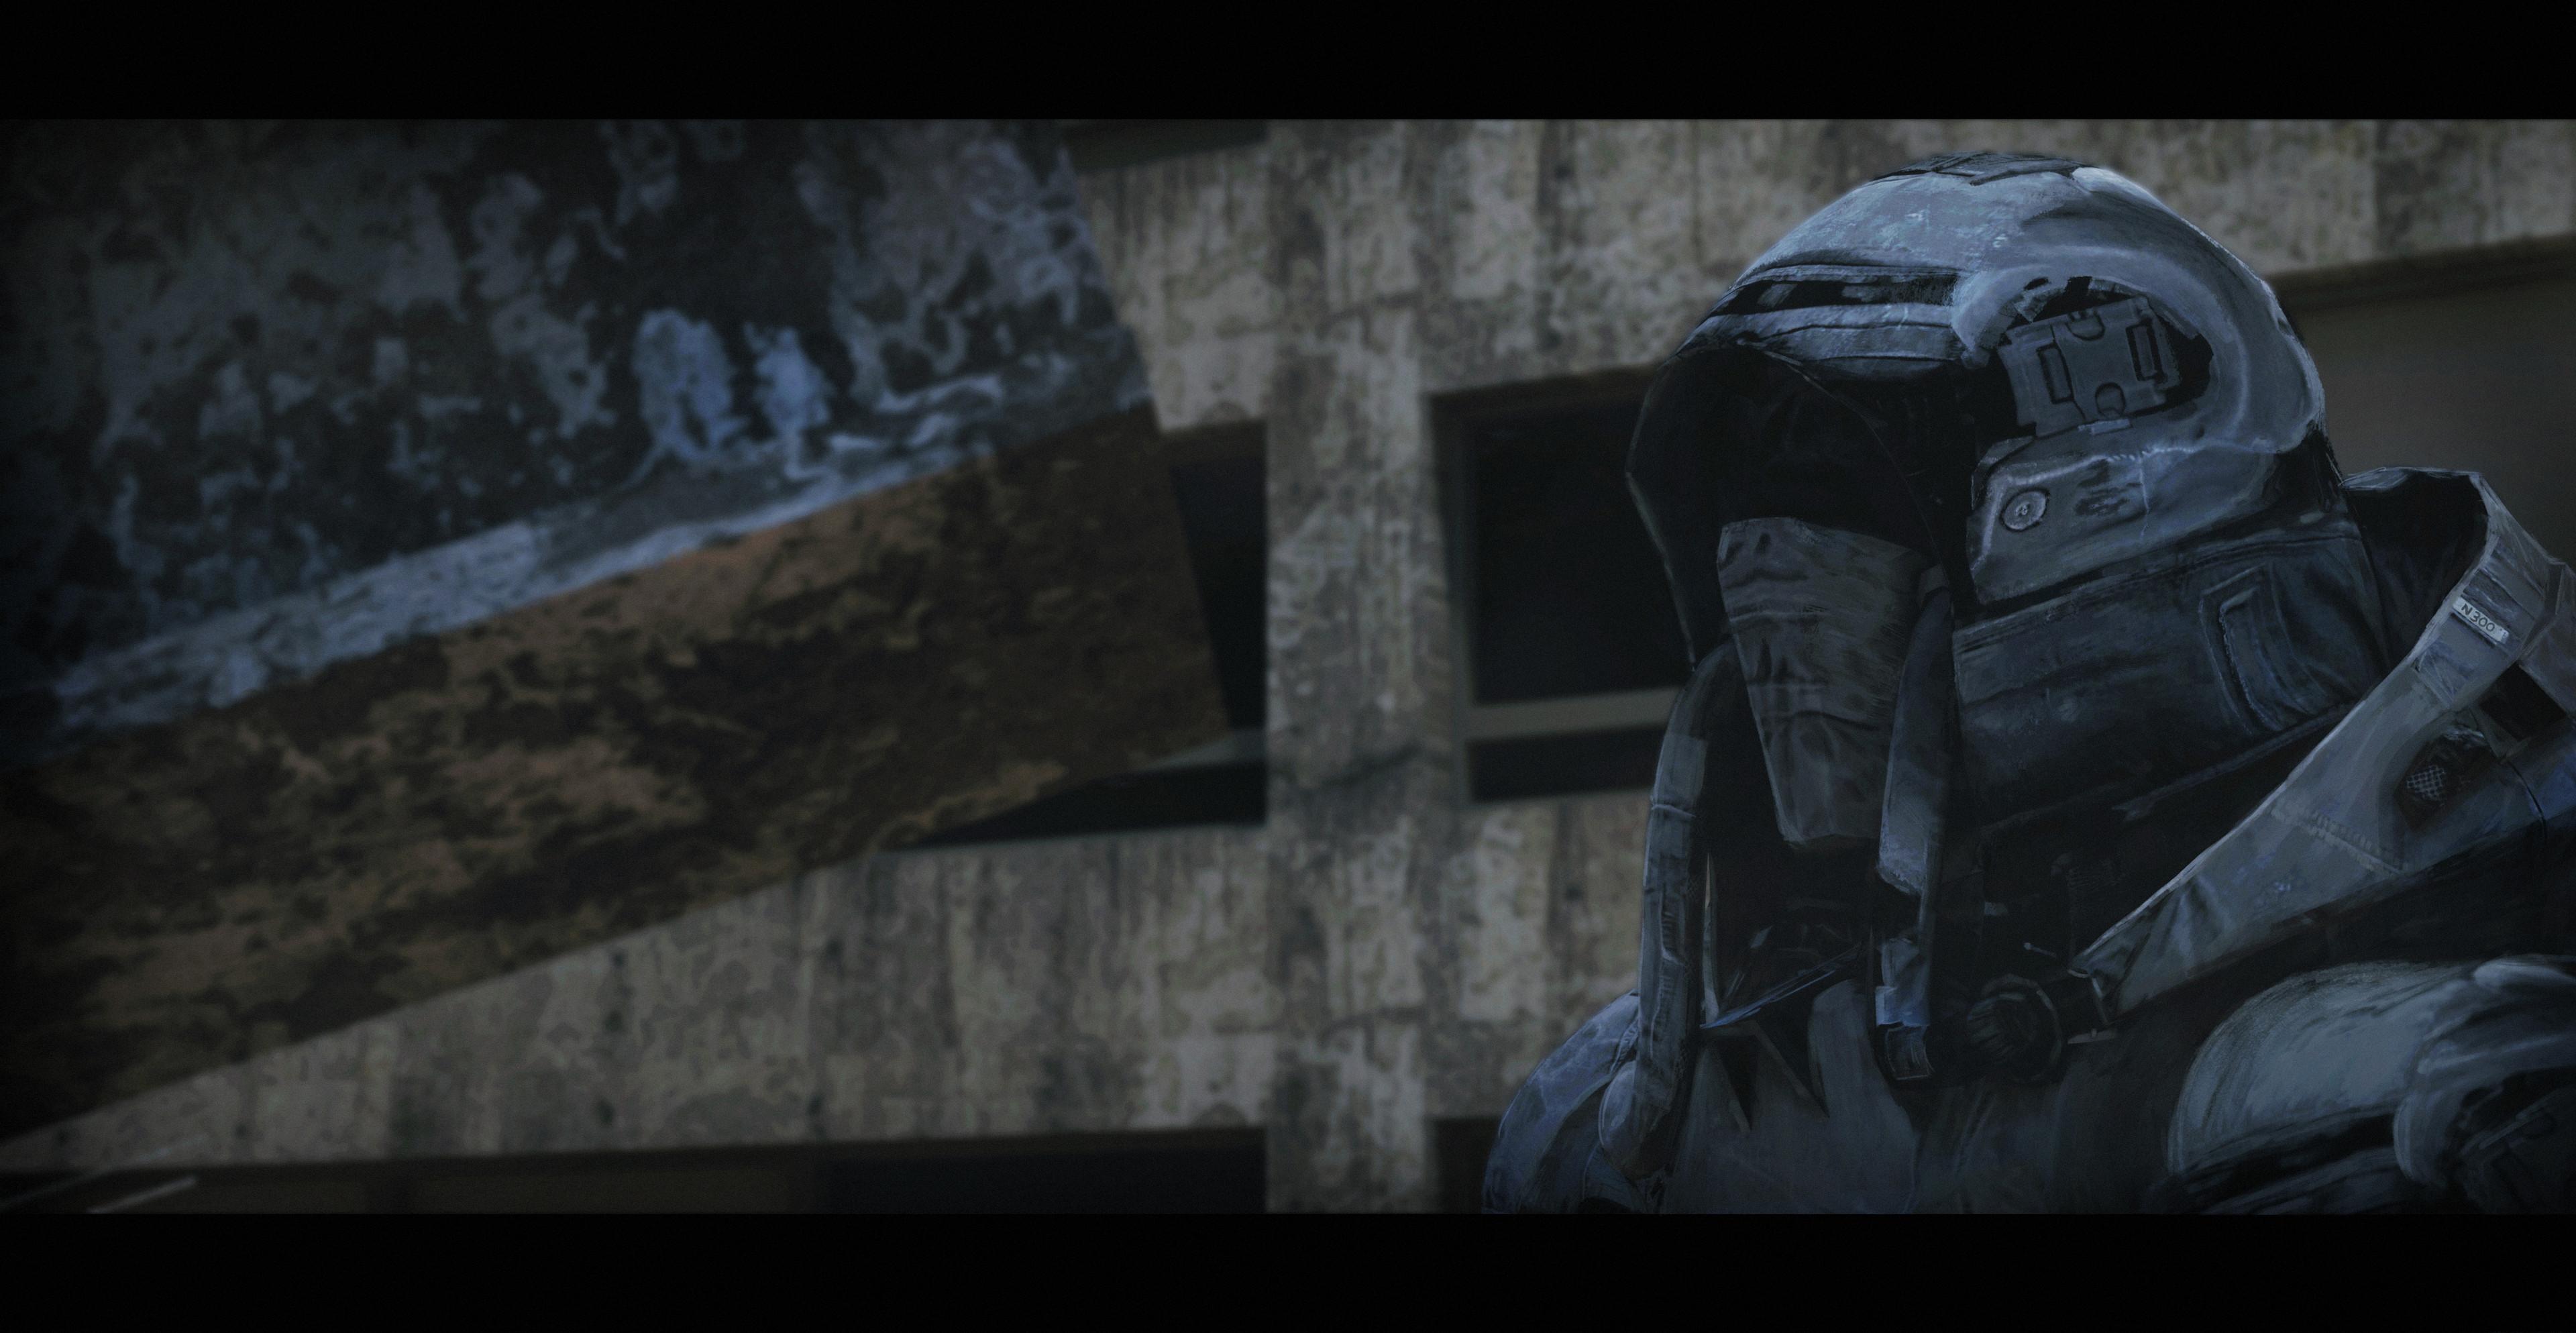 Third Scene - ↓ BREAKDOWN ↓